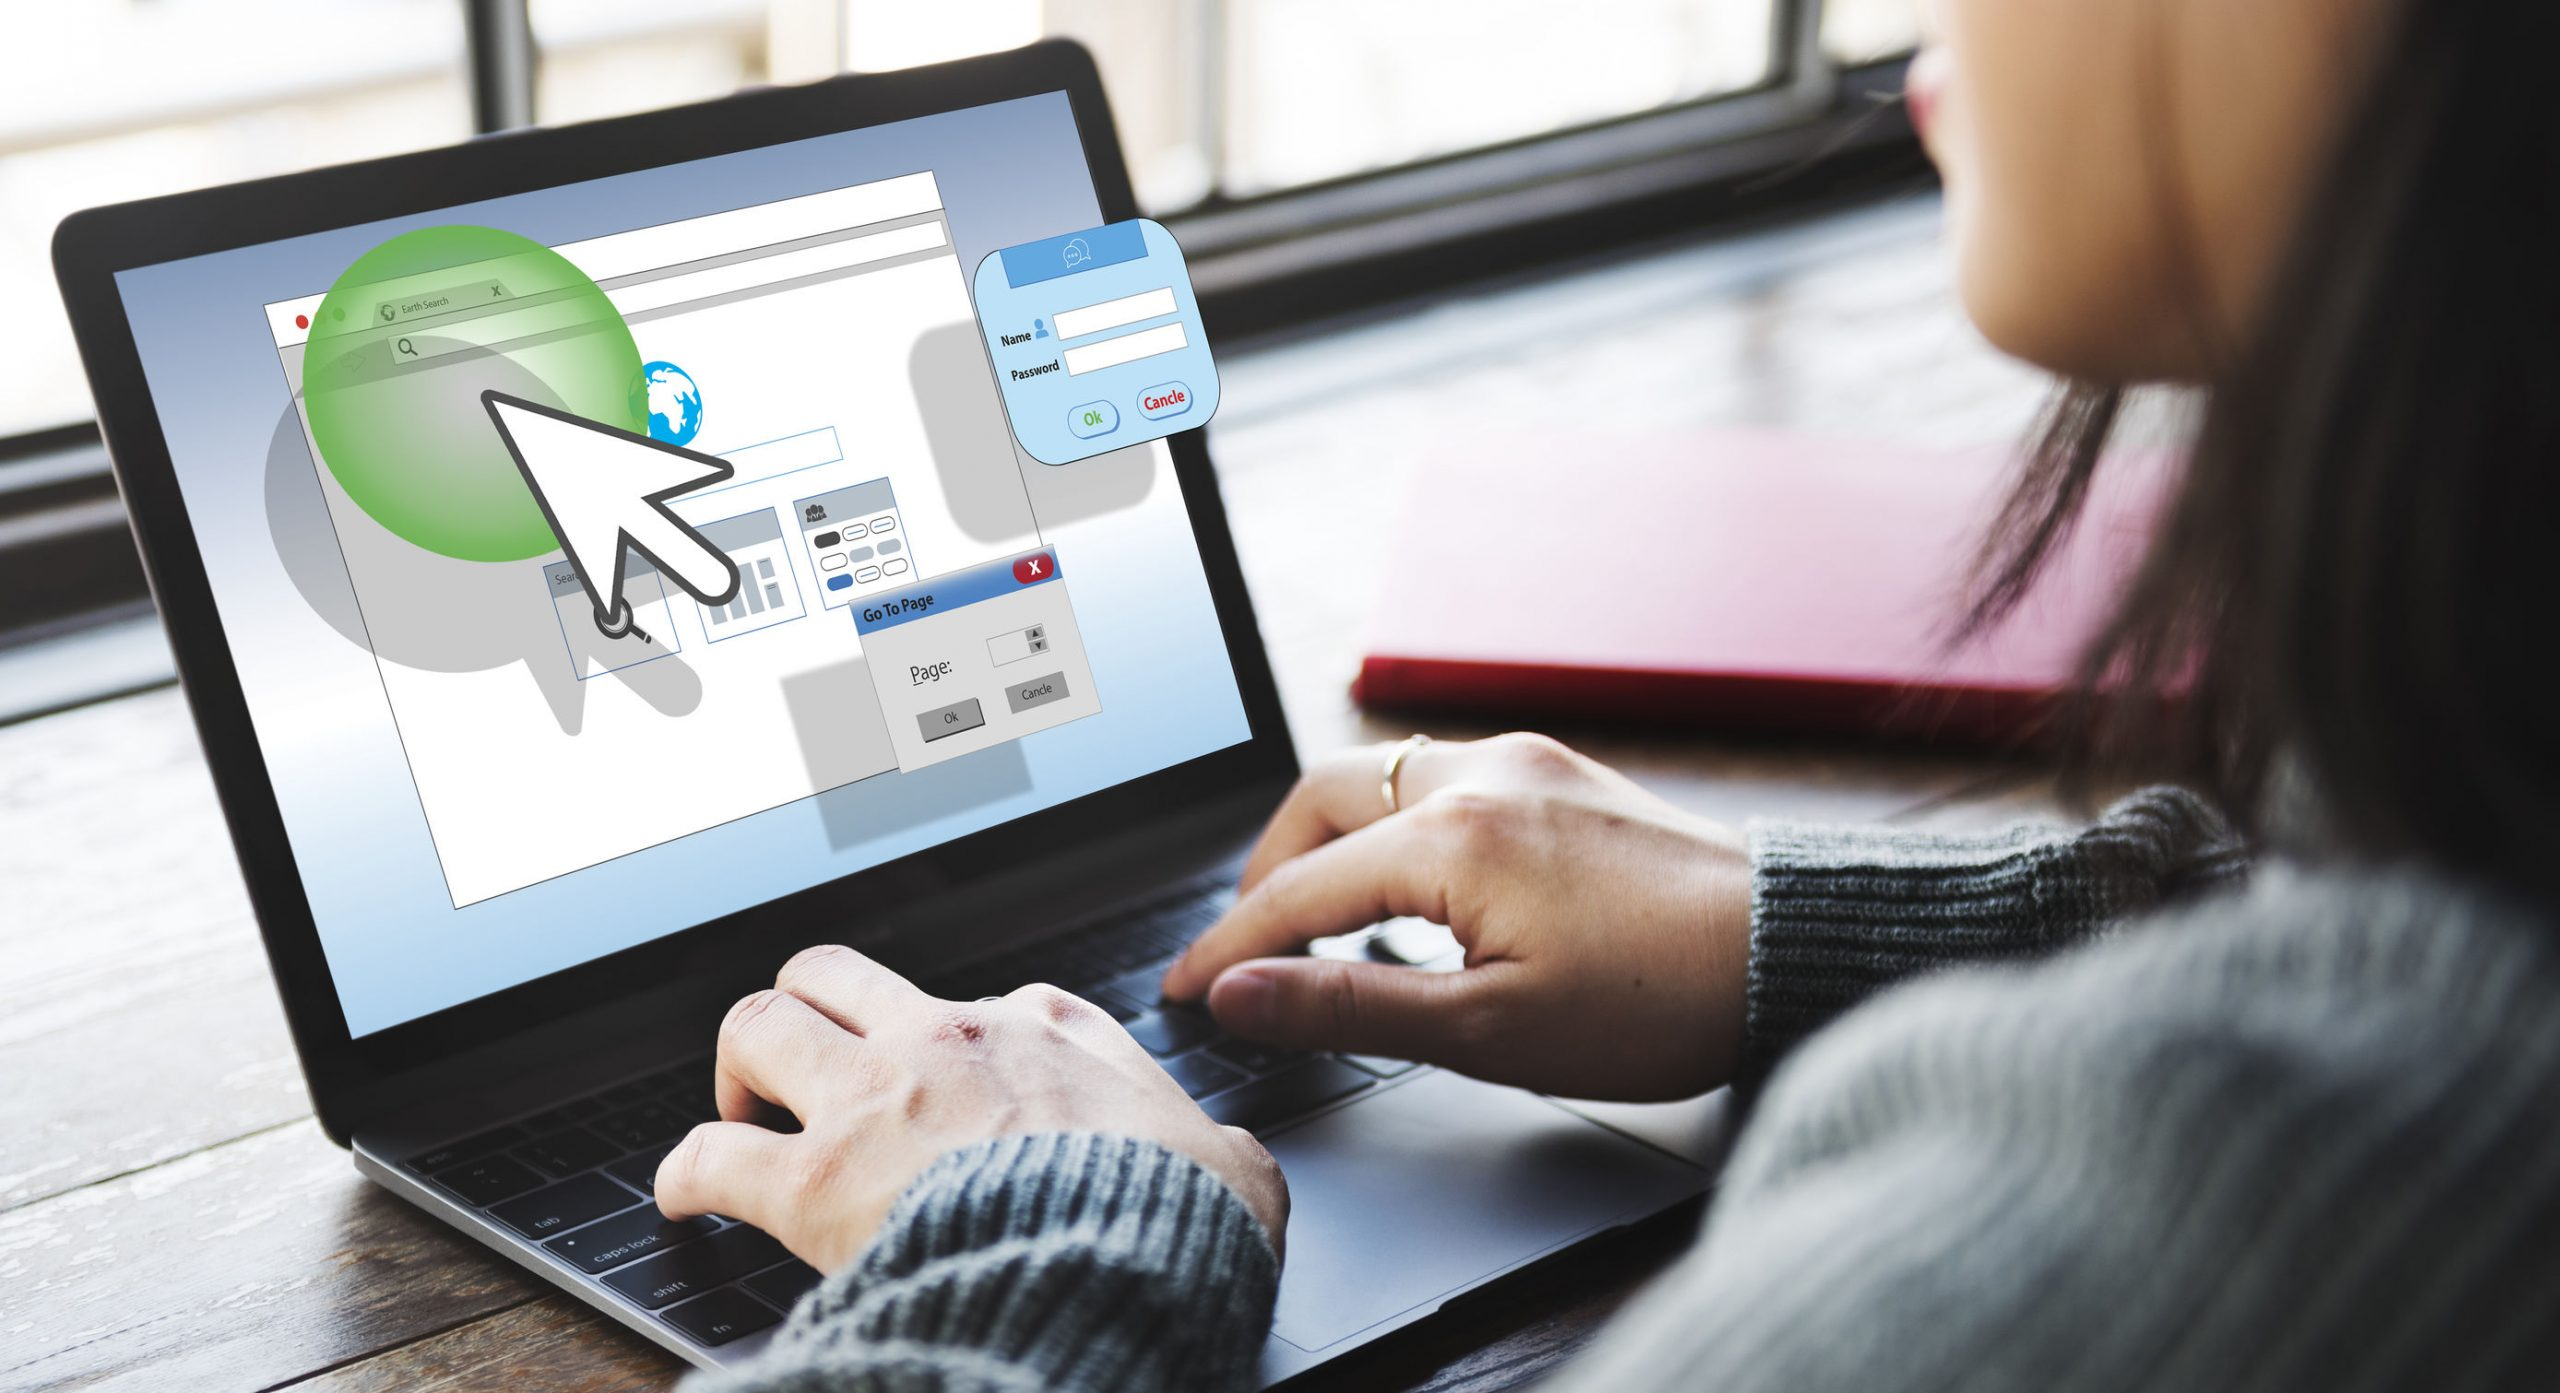 Versicherungen im Internet: Wie funktioniert ein Online-Vergleich?